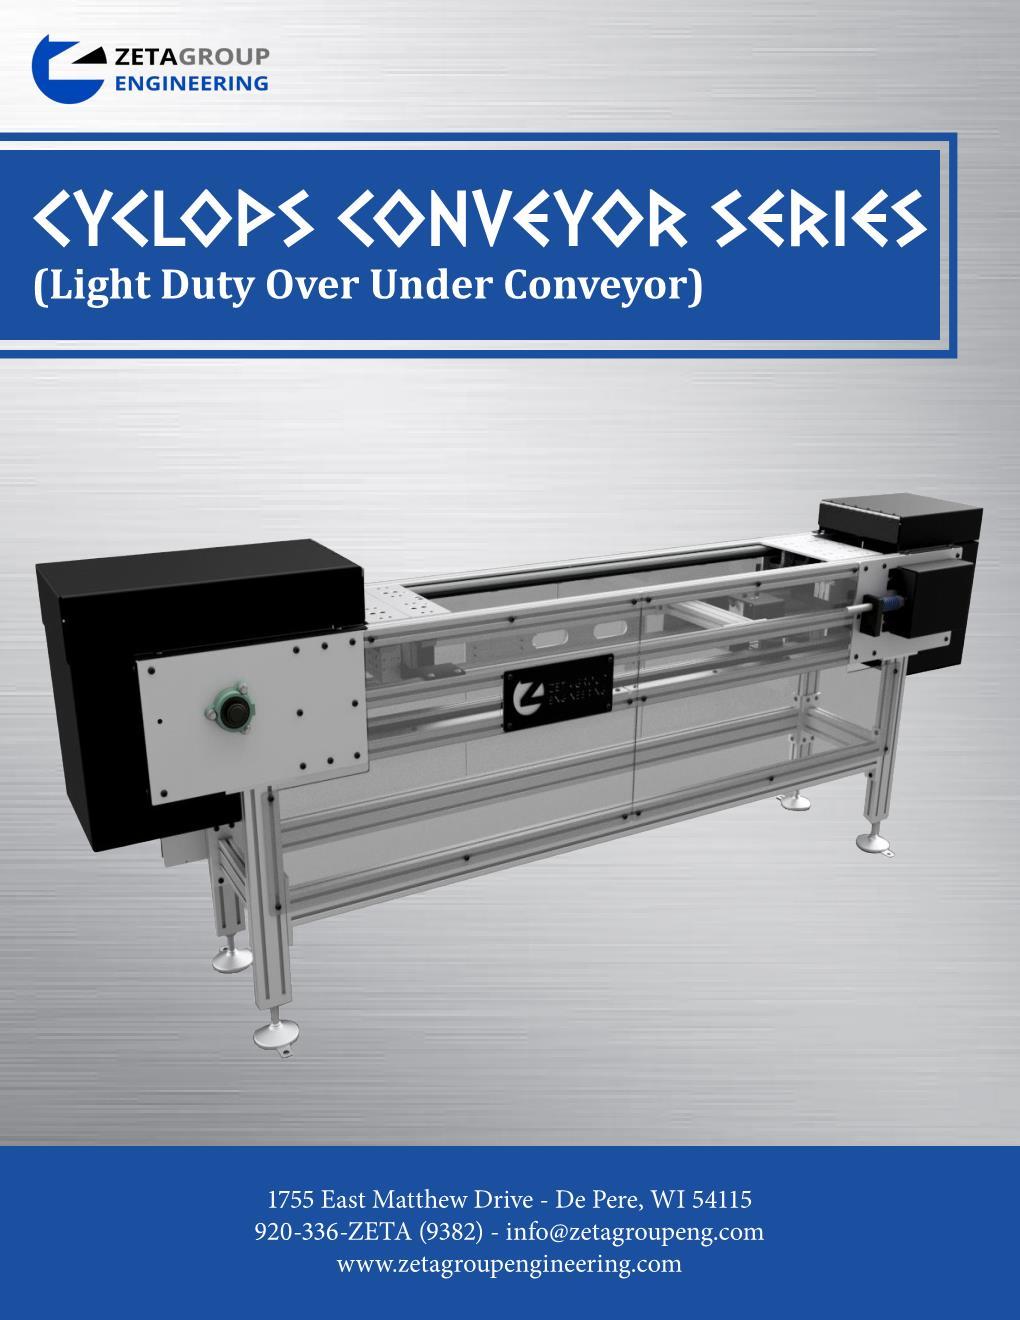 Light Duty Over Under brochure - Cyclops Series